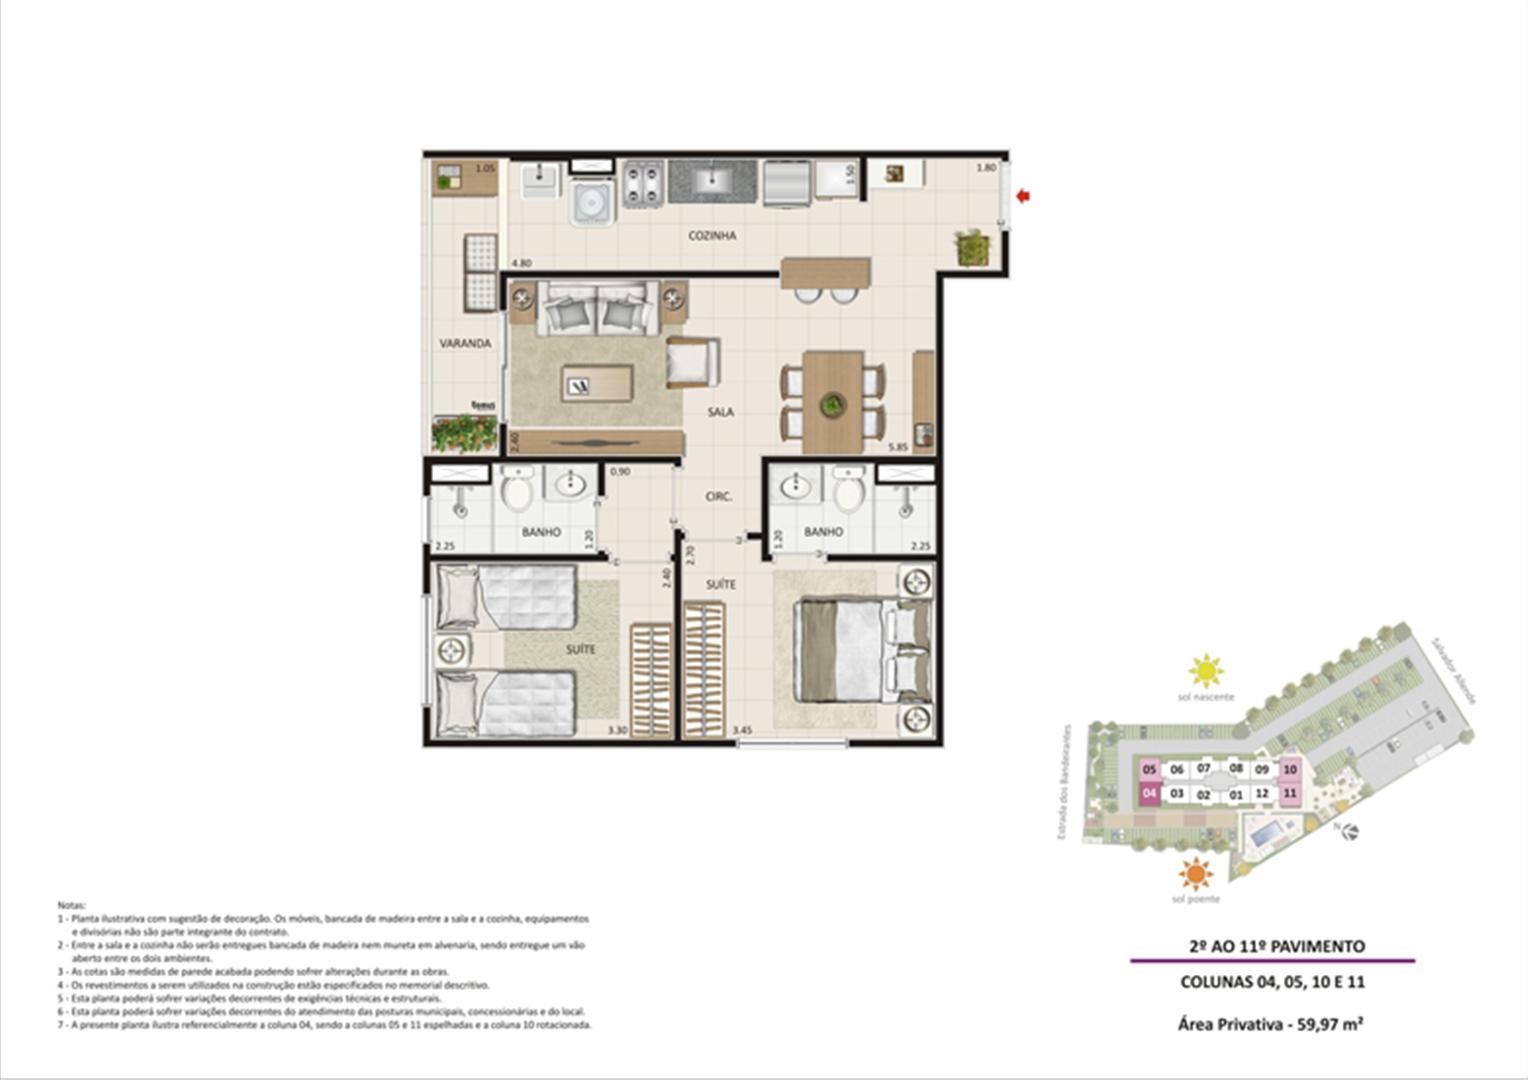 Apartamento 2 quartos tipo 03 | Live Bandeirantes All Suites – Apartamento em  Jacarepaguá - Rio de Janeiro - Rio de Janeiro